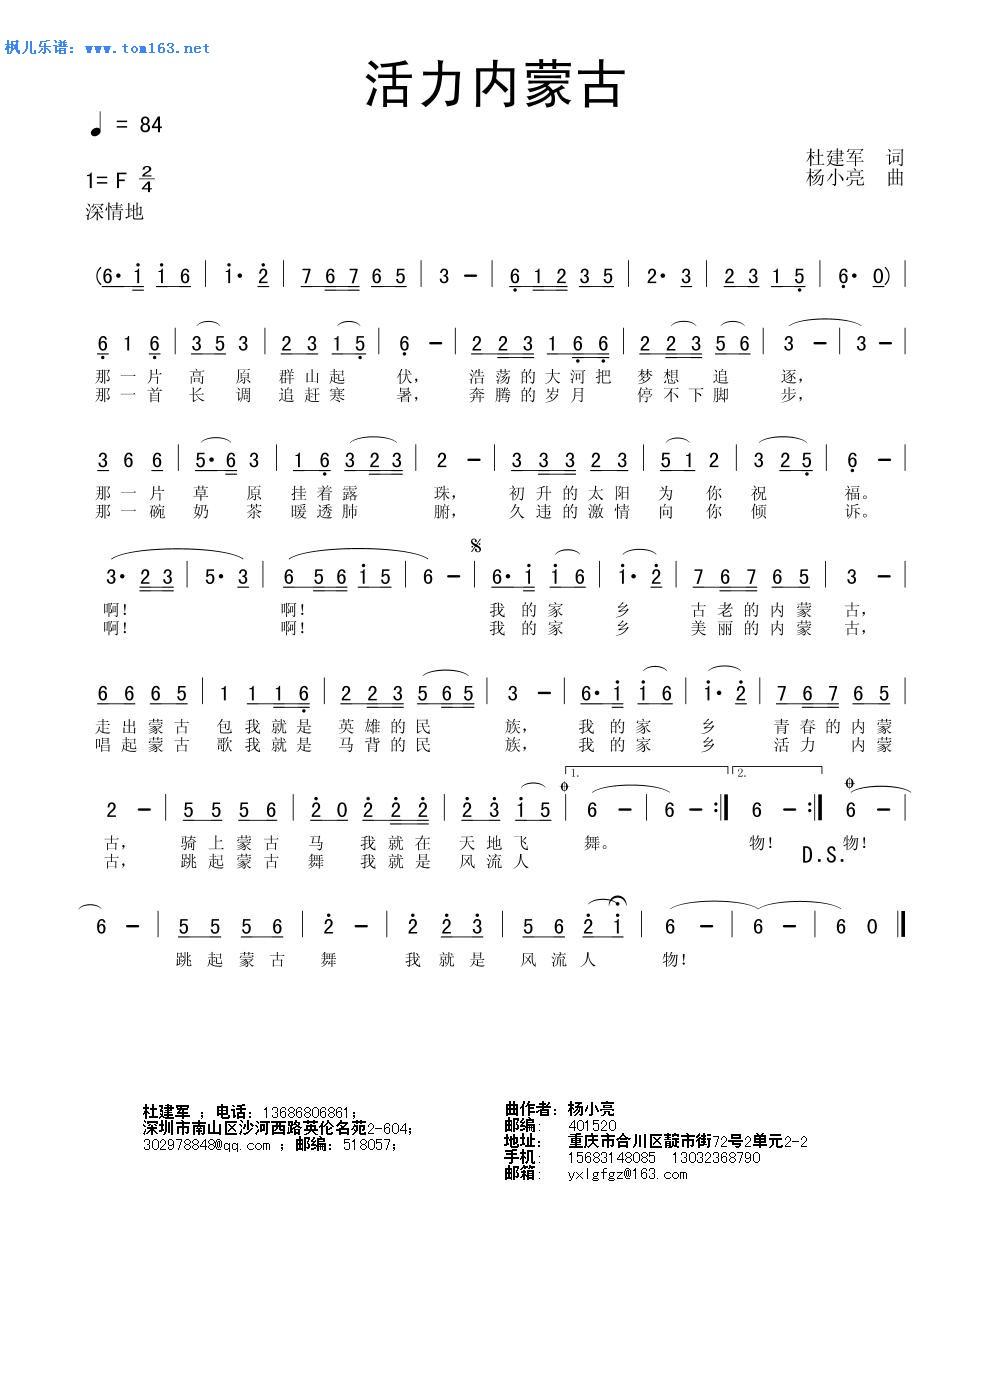 活力内蒙古 简谱 歌谱